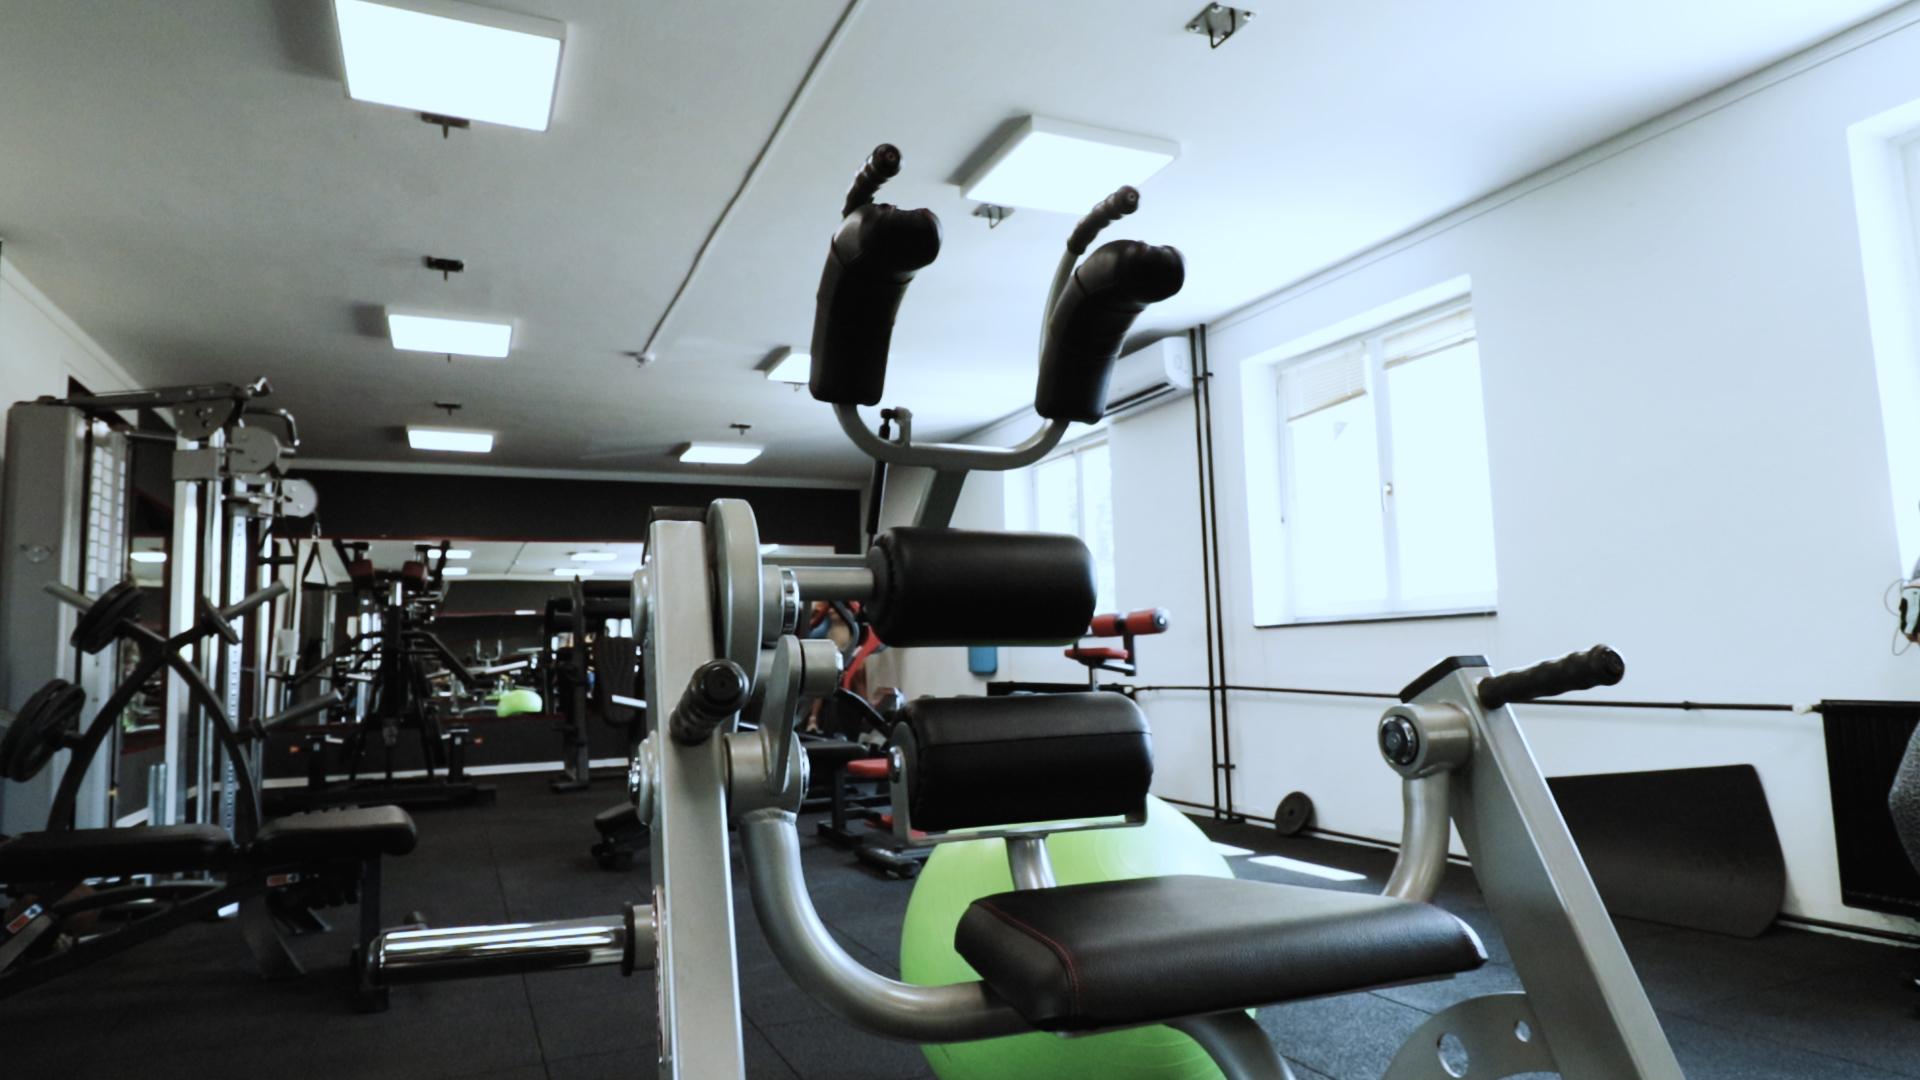 Power Gym Fitness - Géppark fejlesztés - 11